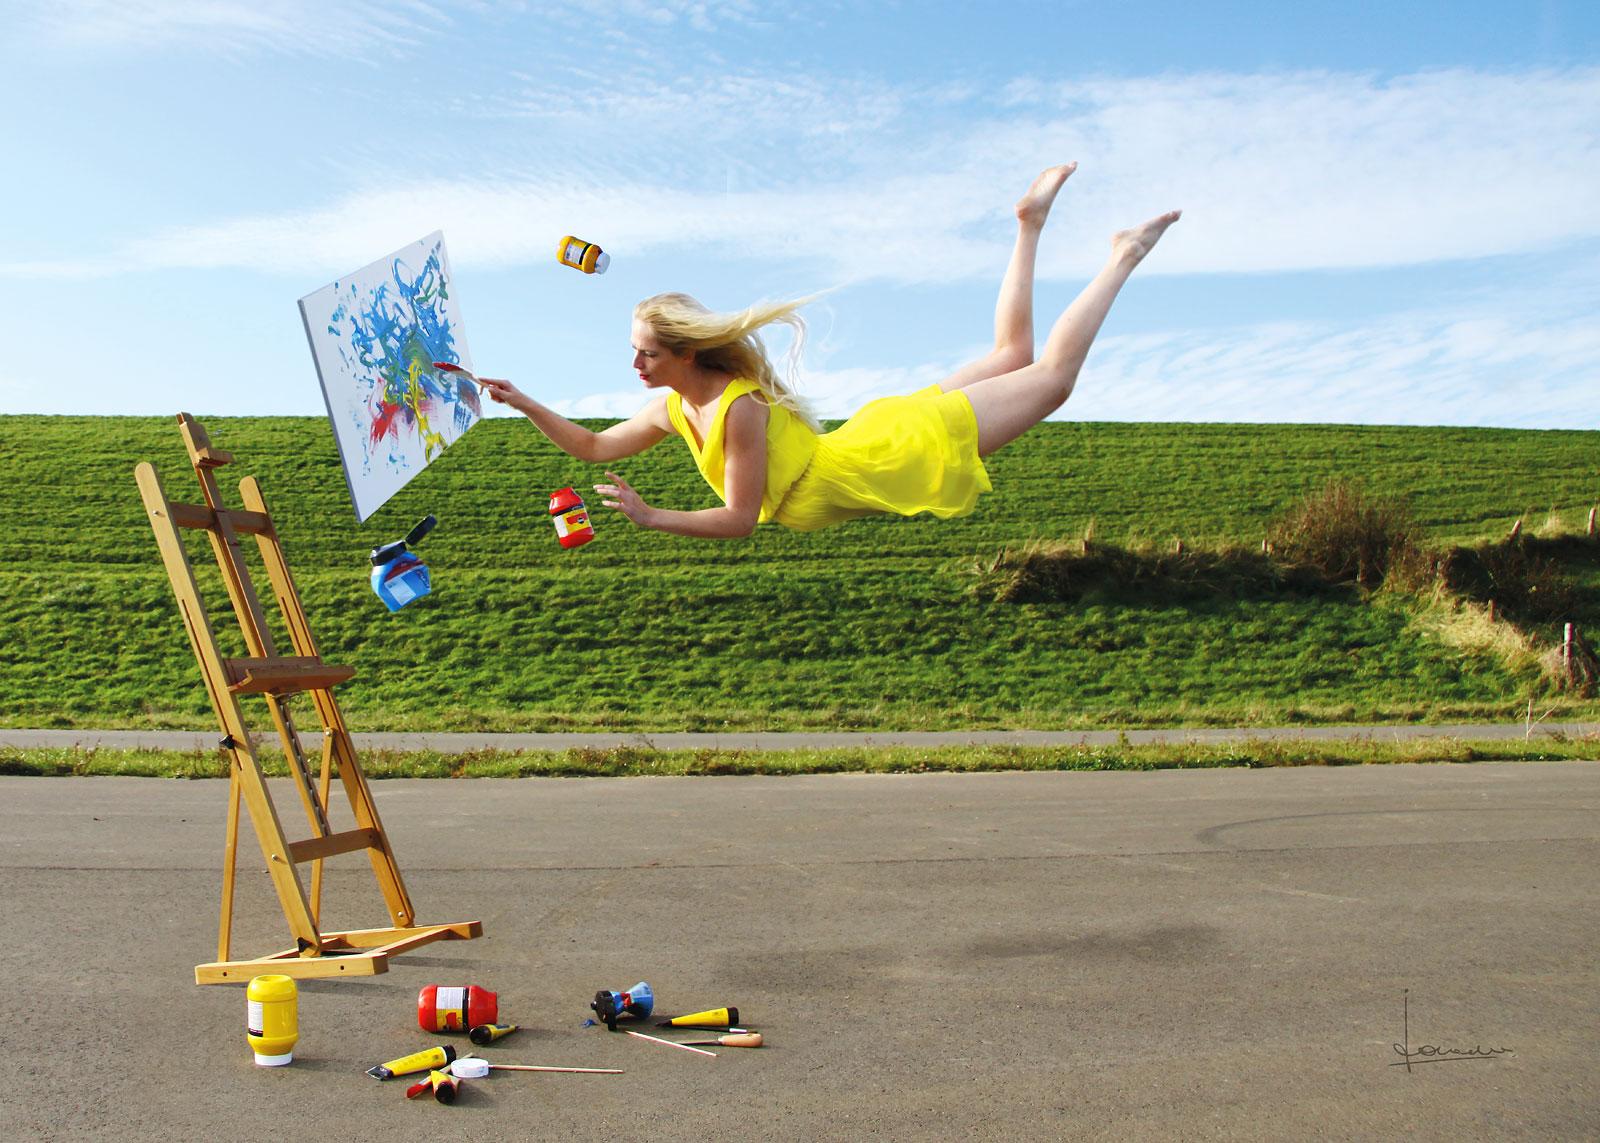 Als ik toch eens kon vliegen..., Met acropower deed ze dat al regelmatig, nu ook met de schildersezel.